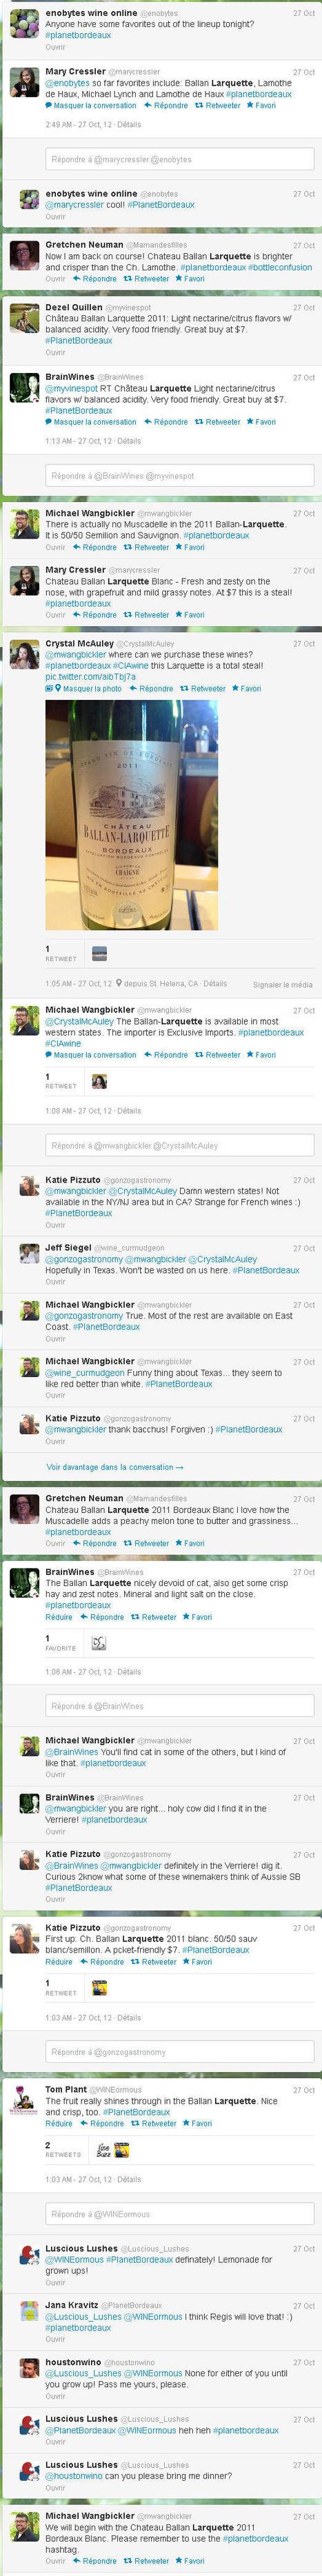 Ch Ballan-Larquette Bordeaux blanc 2011Twitter live tasting - USA - 2012, October 26 | Nombrilisme | Scoop.it